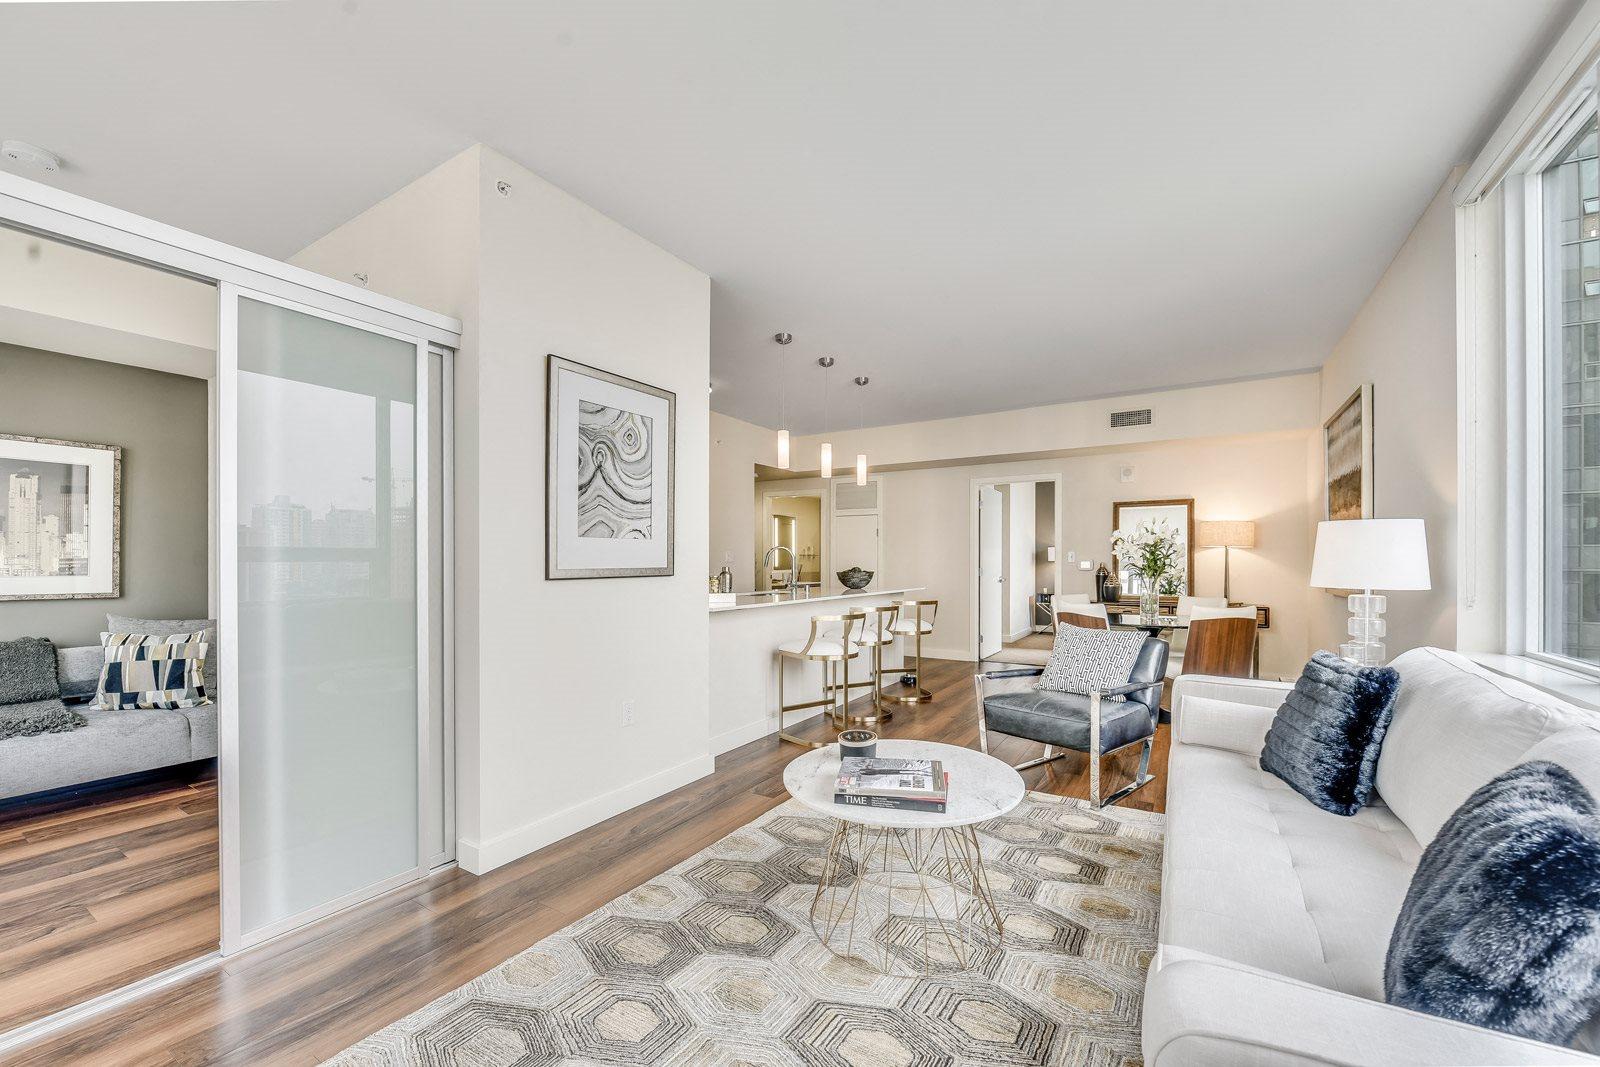 Open Concept Floor Plan at The Martin, Washington, 98121